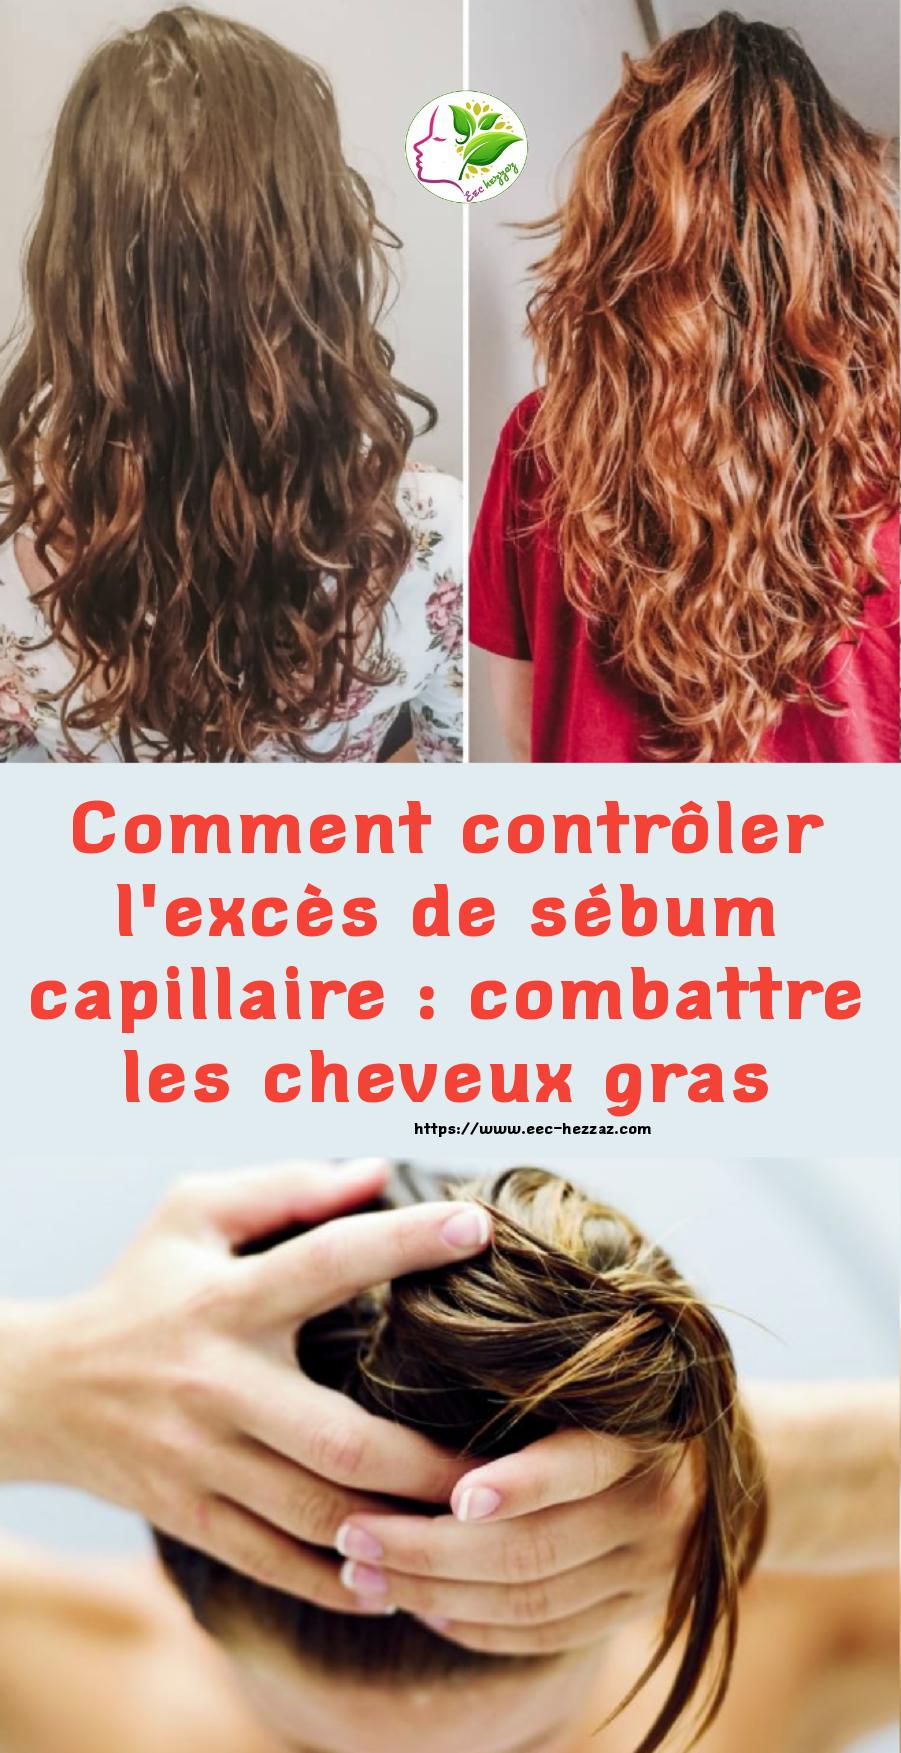 Comment contrôler l'excès de sébum capillaire : combattre les cheveux gras